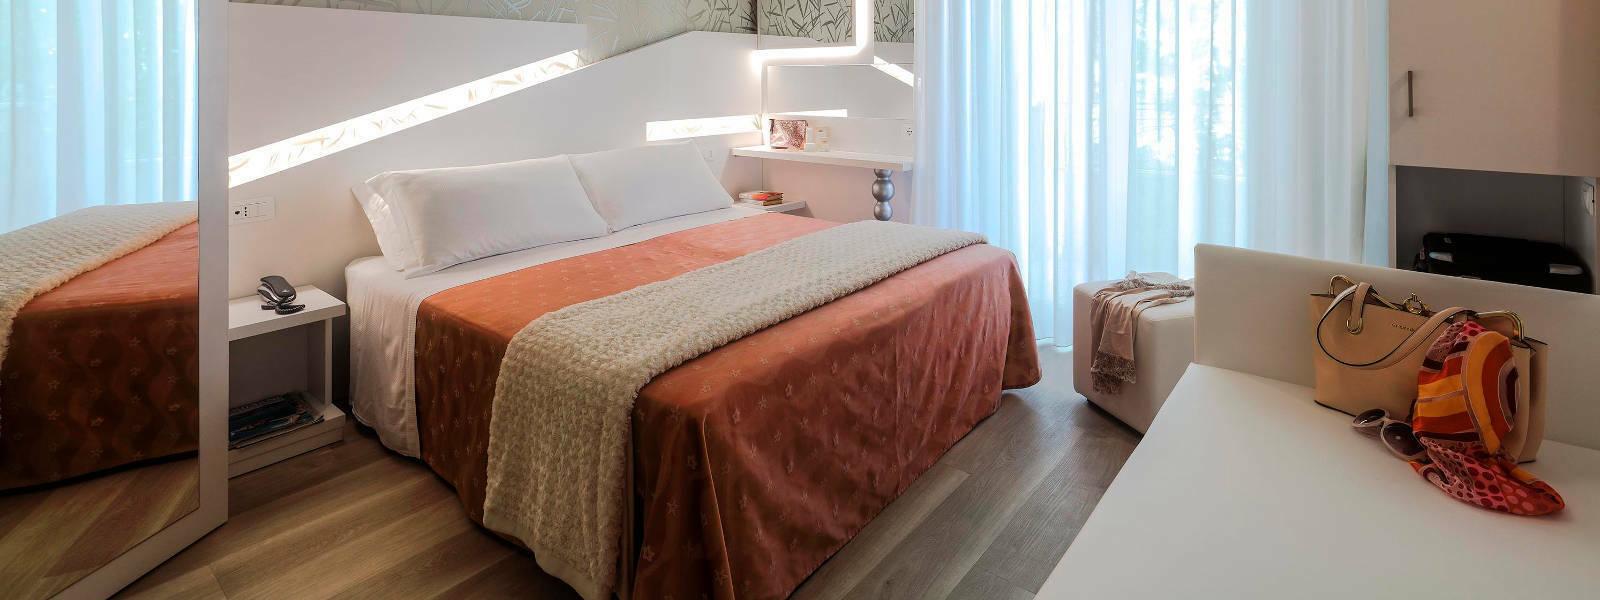 Camera Hotel Ombretta Mare Letto e Borsa